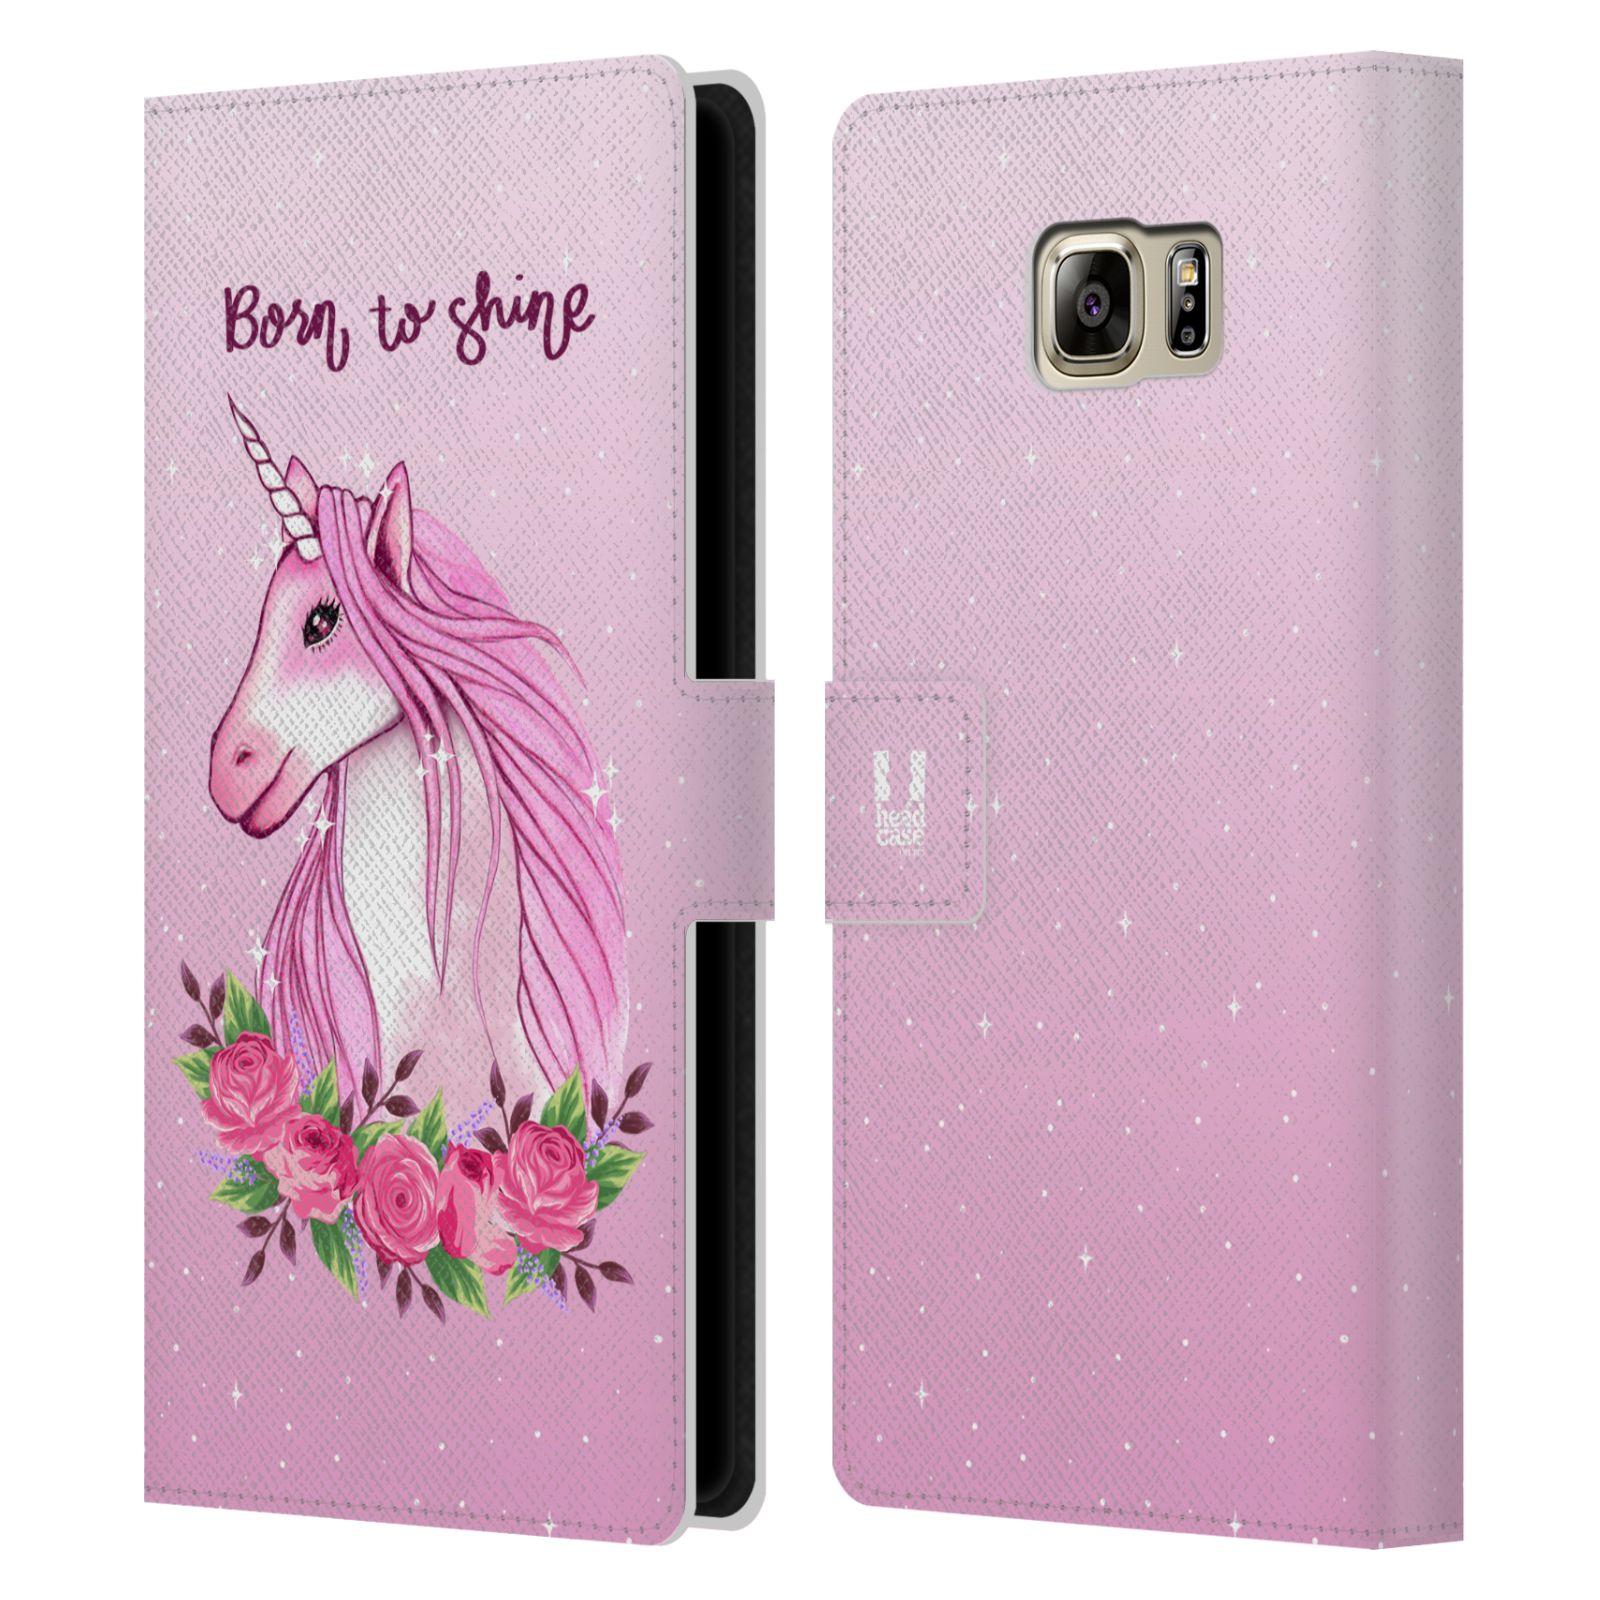 Pouzdro na mobil Samsung Galaxy NOTE 5 - Head Case - Růžový jednorožec růže